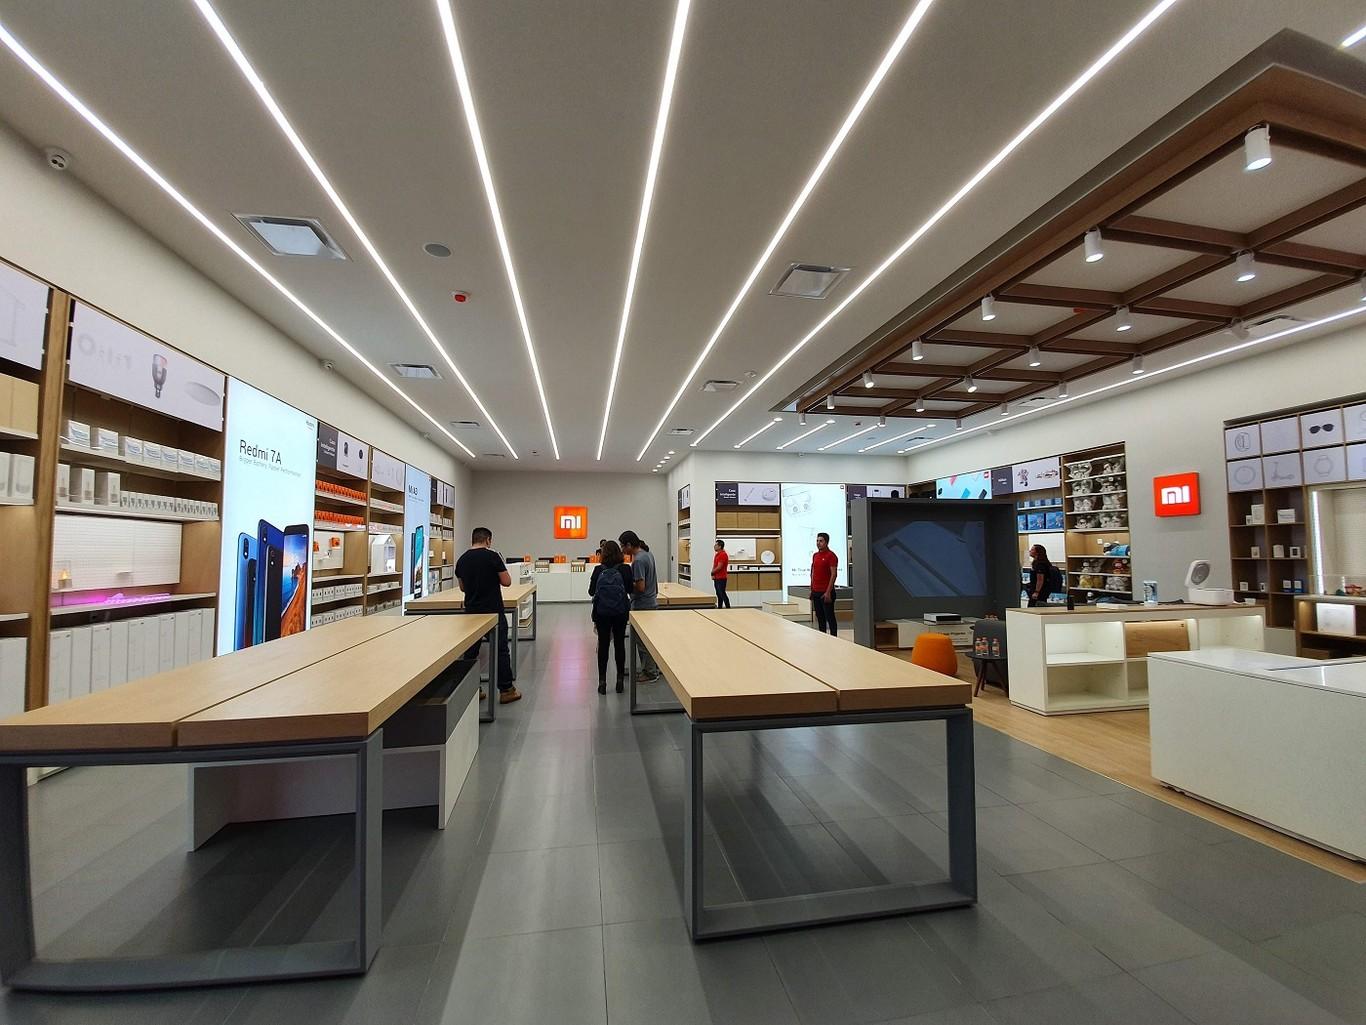 Así es la Mi Store más grande de México: una tienda para que los usuarios vivan la experiencia del ecosistema...